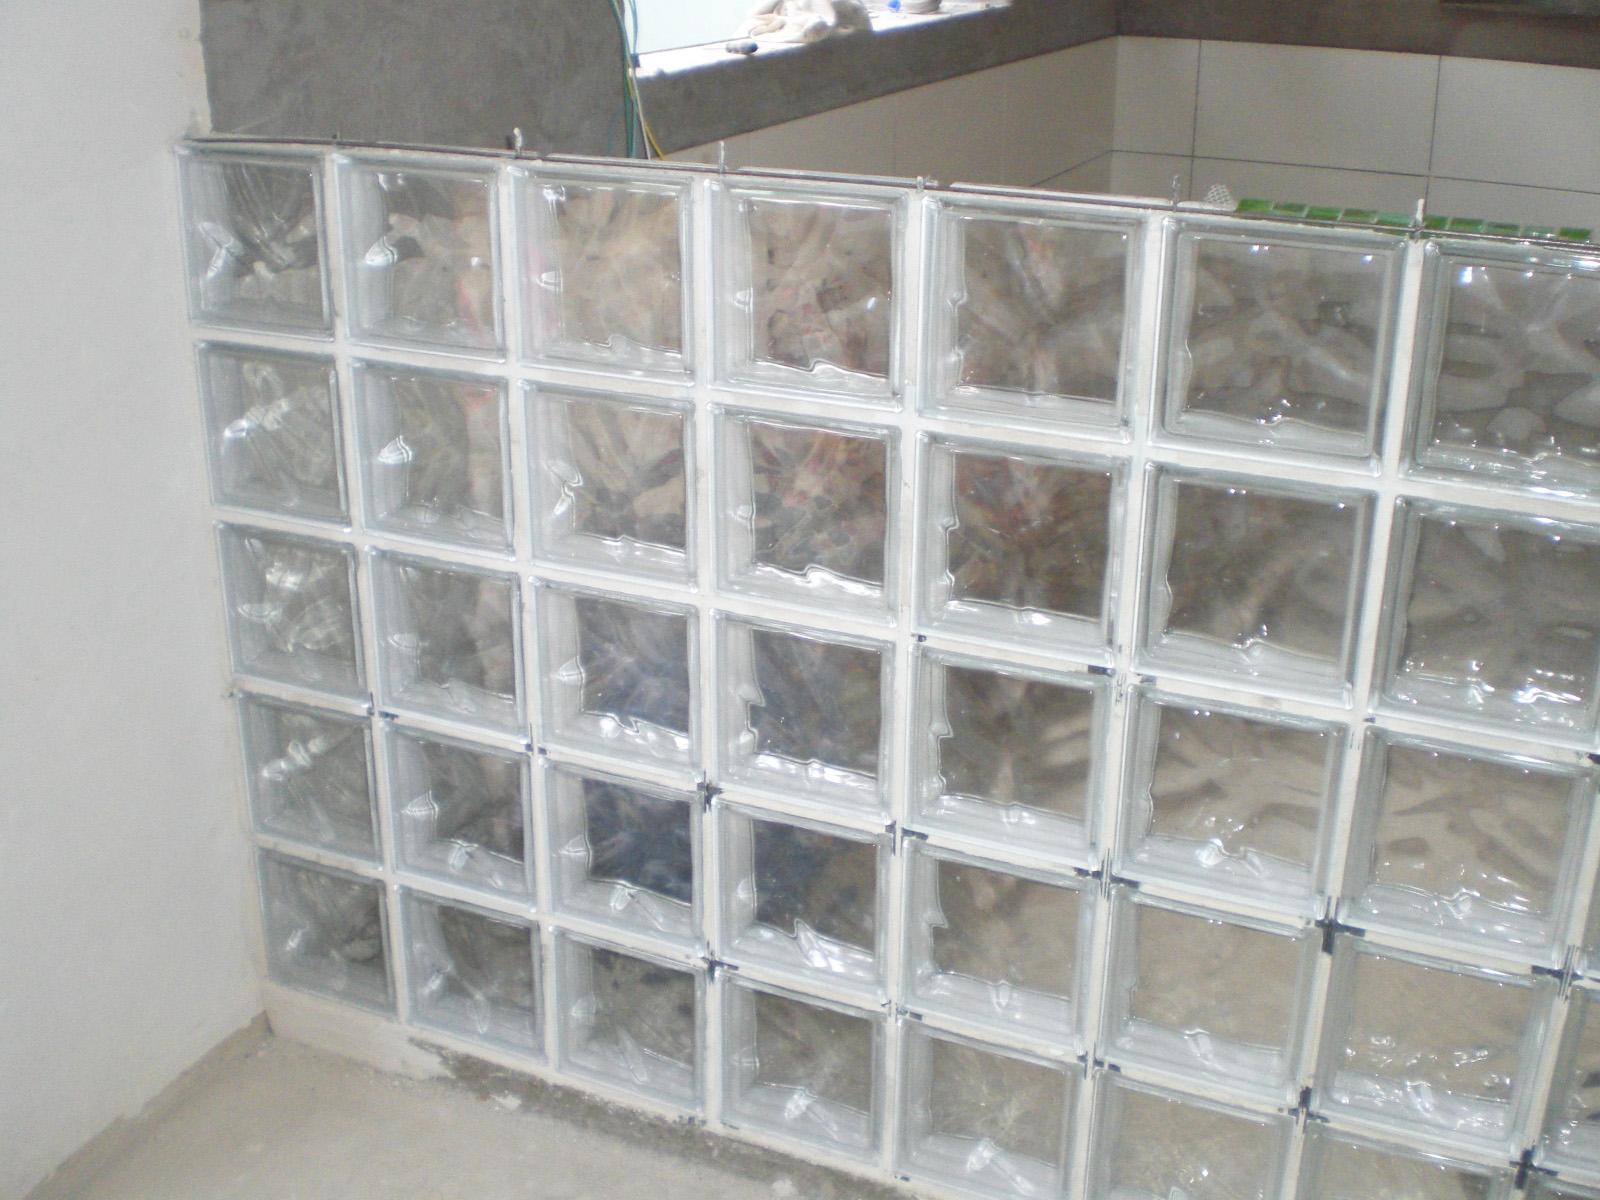 parede bloco vidro Sobrado de ideias #594F47 1600 1200